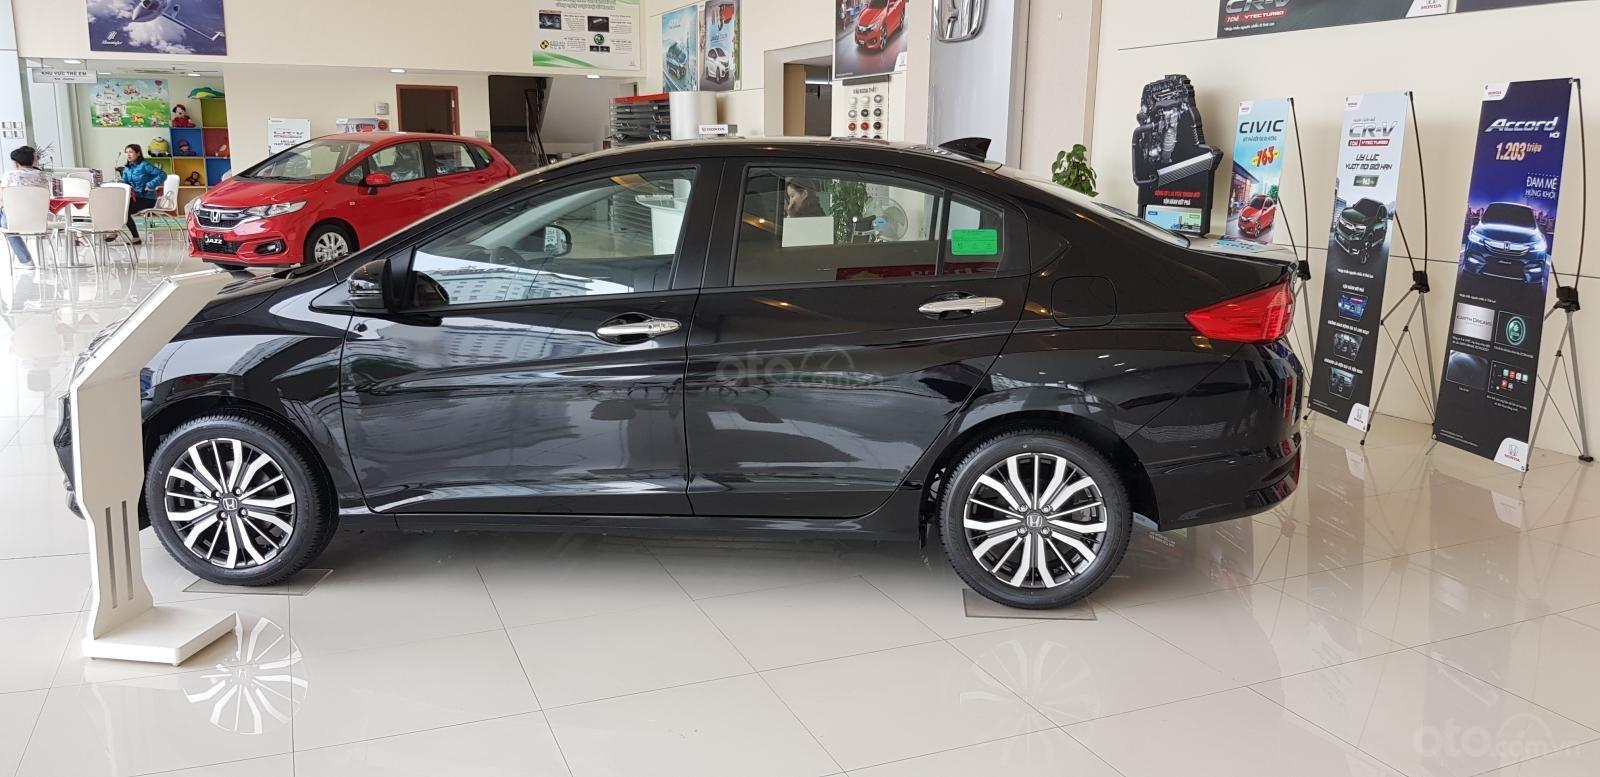 [Honda ô tô Hải Phòng] Bán xe Honda City 1.5 CVT - Giá tốt nhất - Hotline: 094.964.1093 (4)